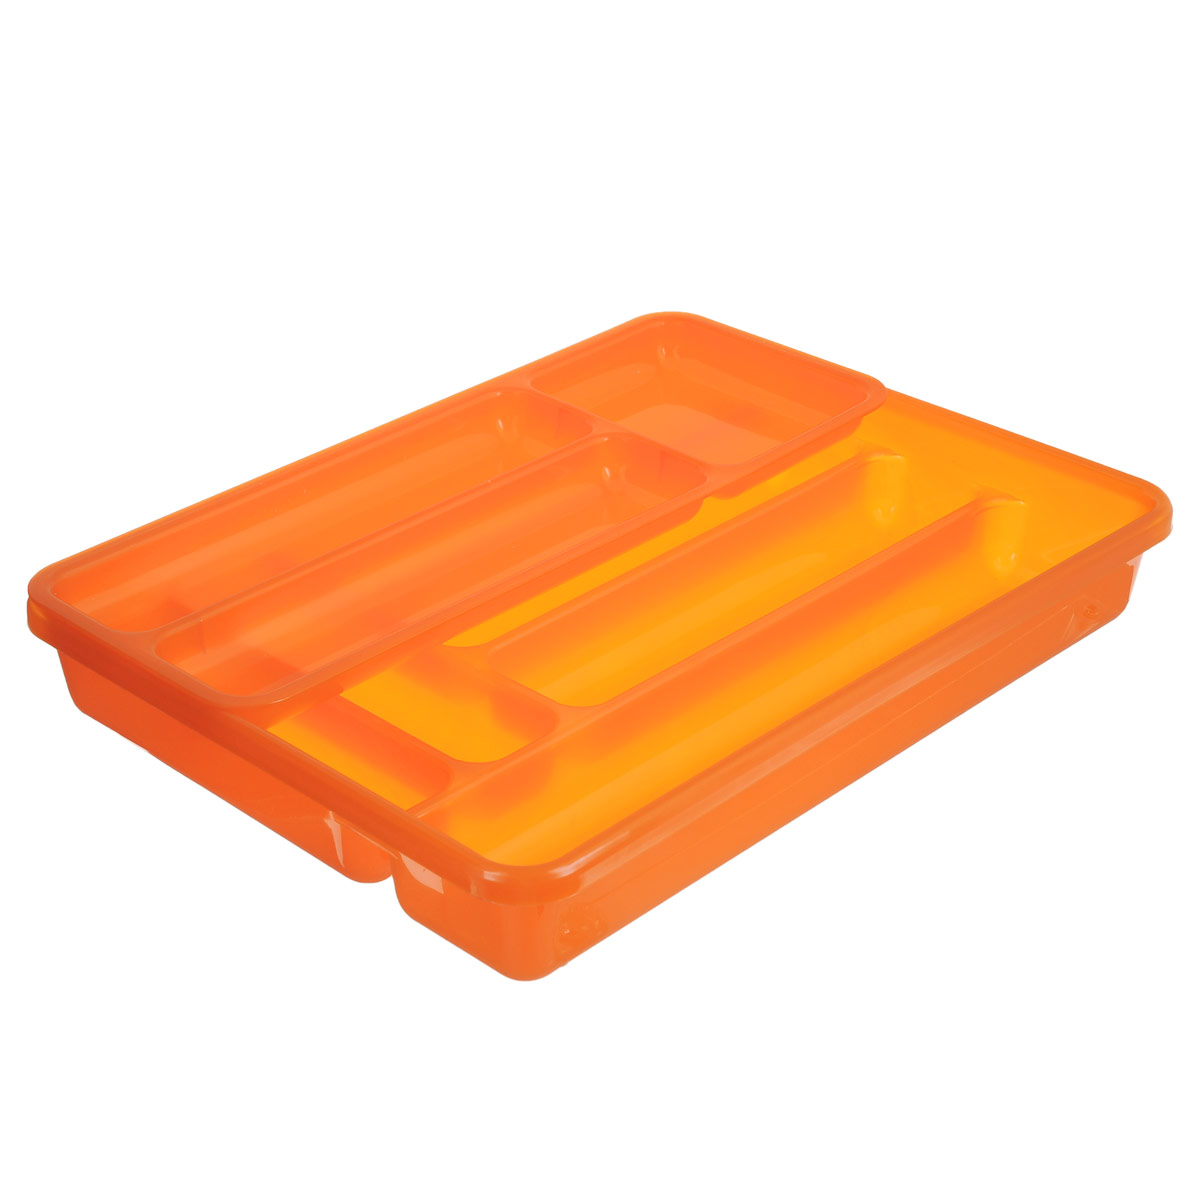 Лоток для столовых приборов Cosmoplast, двойной, цвет: оранжевый, 40 см х 30 см стул для столовых жасмин 2 шт уп 564024 шатура стулья и табуреты